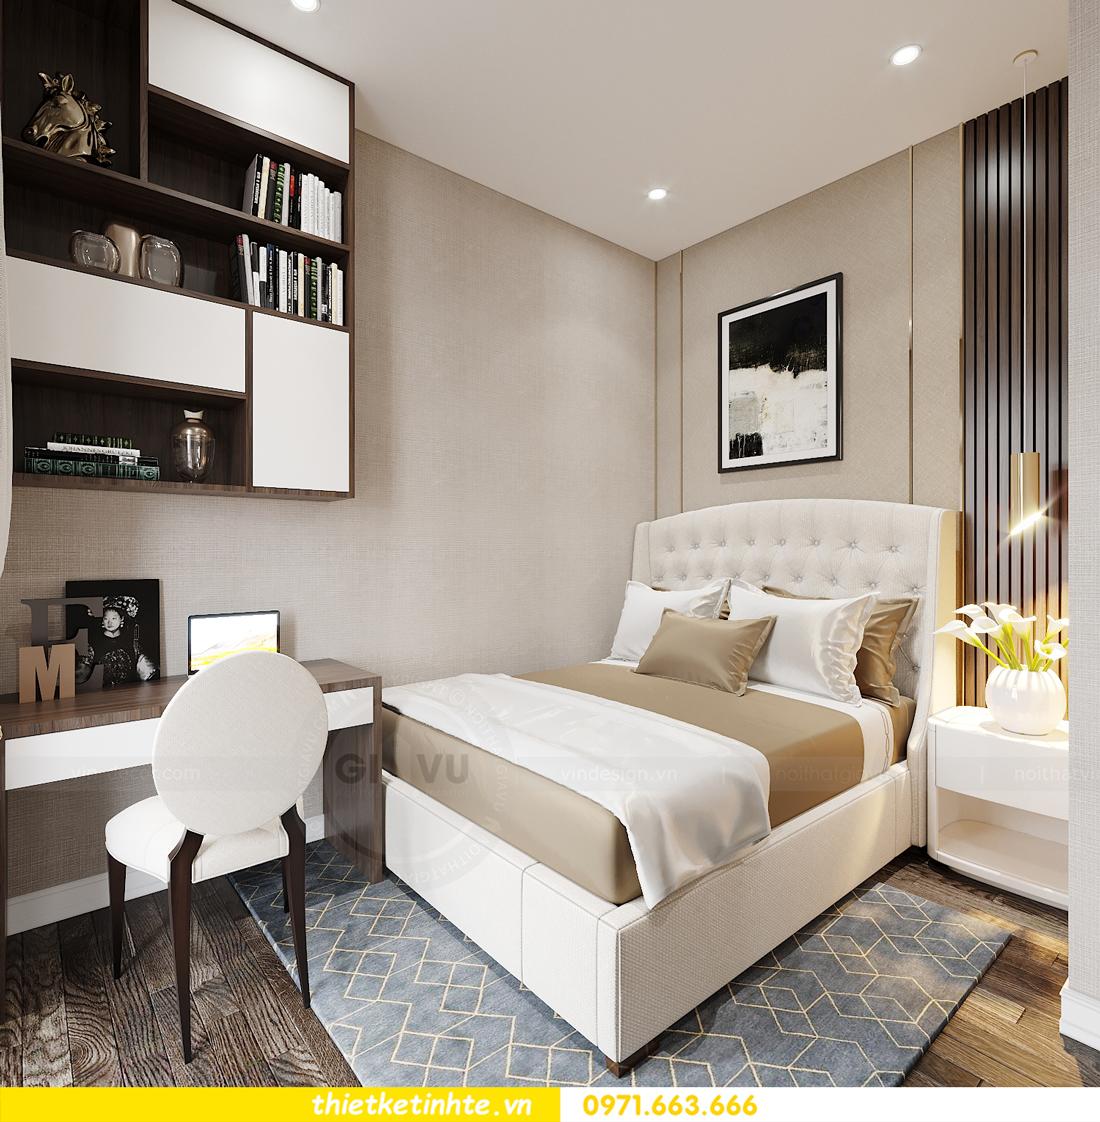 thiết kế nội thất biệt thự OCean Park khu Ngọc Trai nhà anh Tú 20